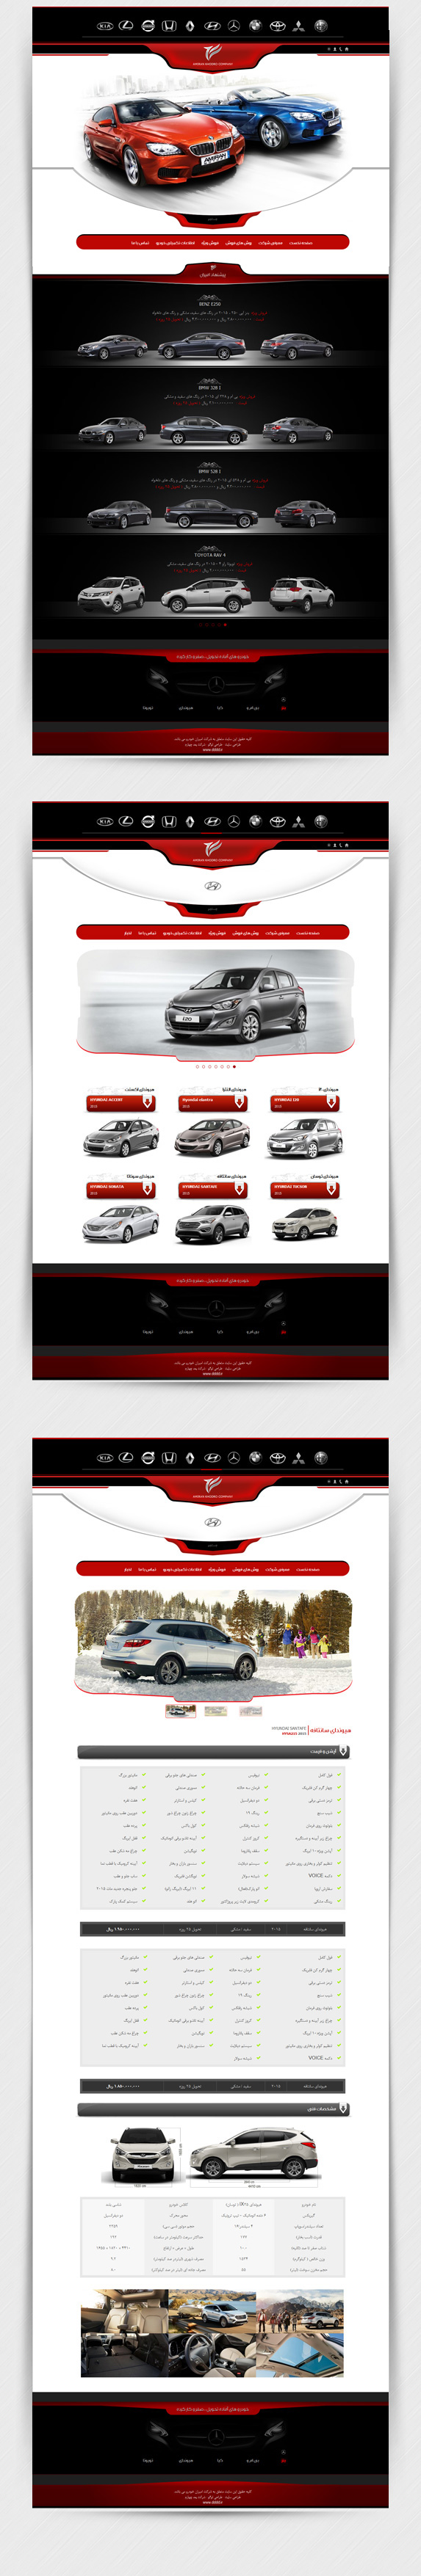 طراحی سایت شرکت امیران خودرو